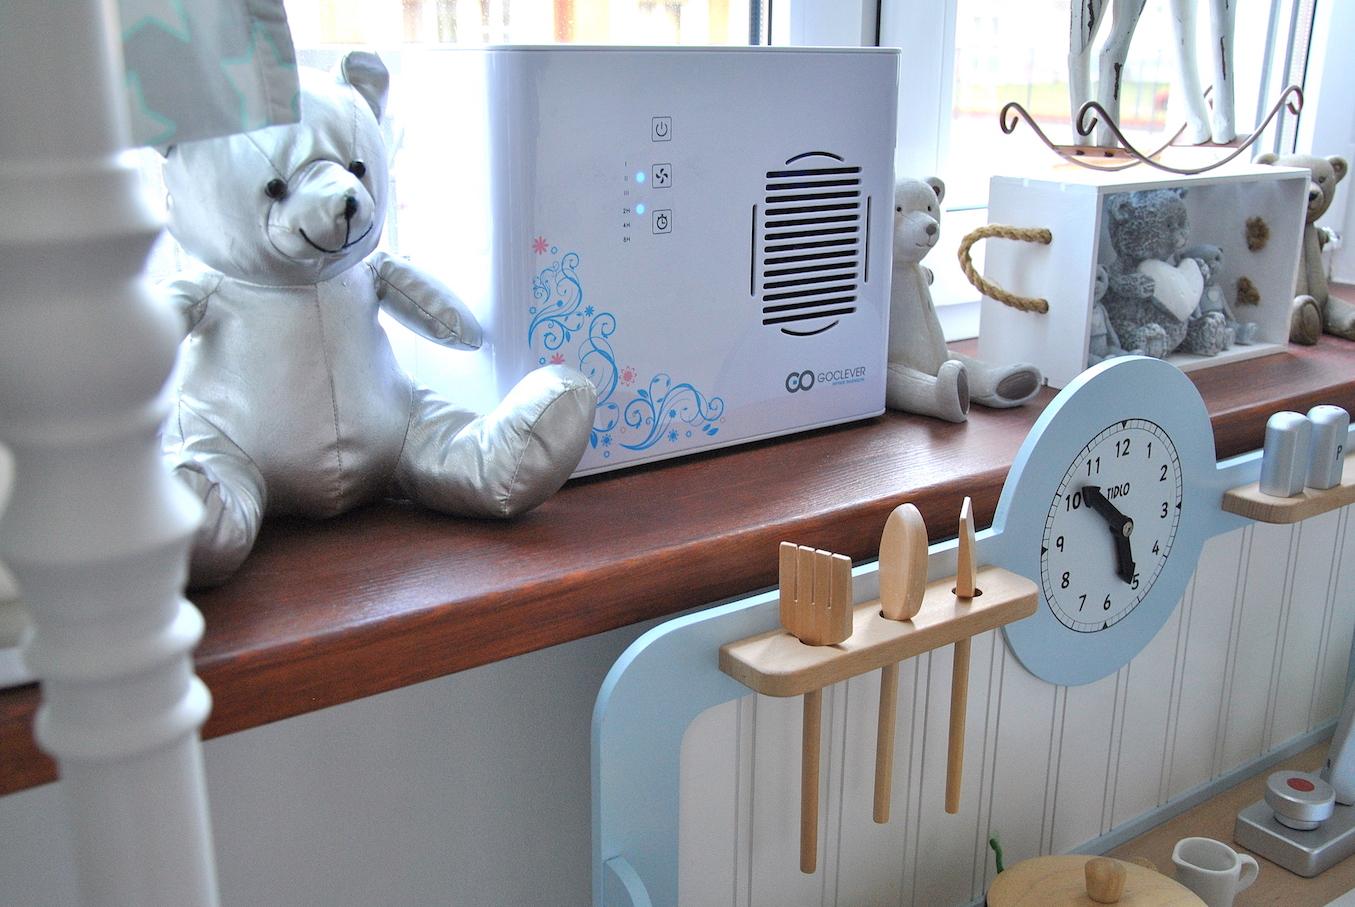 Oczyszczaczanie powietrza przy użyciu urządzenia Goclever